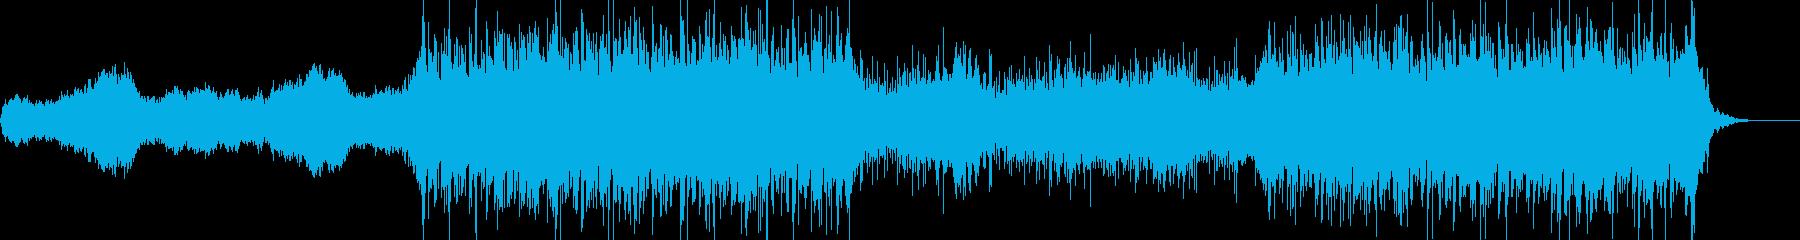 アドレナリンラッシュ音楽。劇的でエ...の再生済みの波形